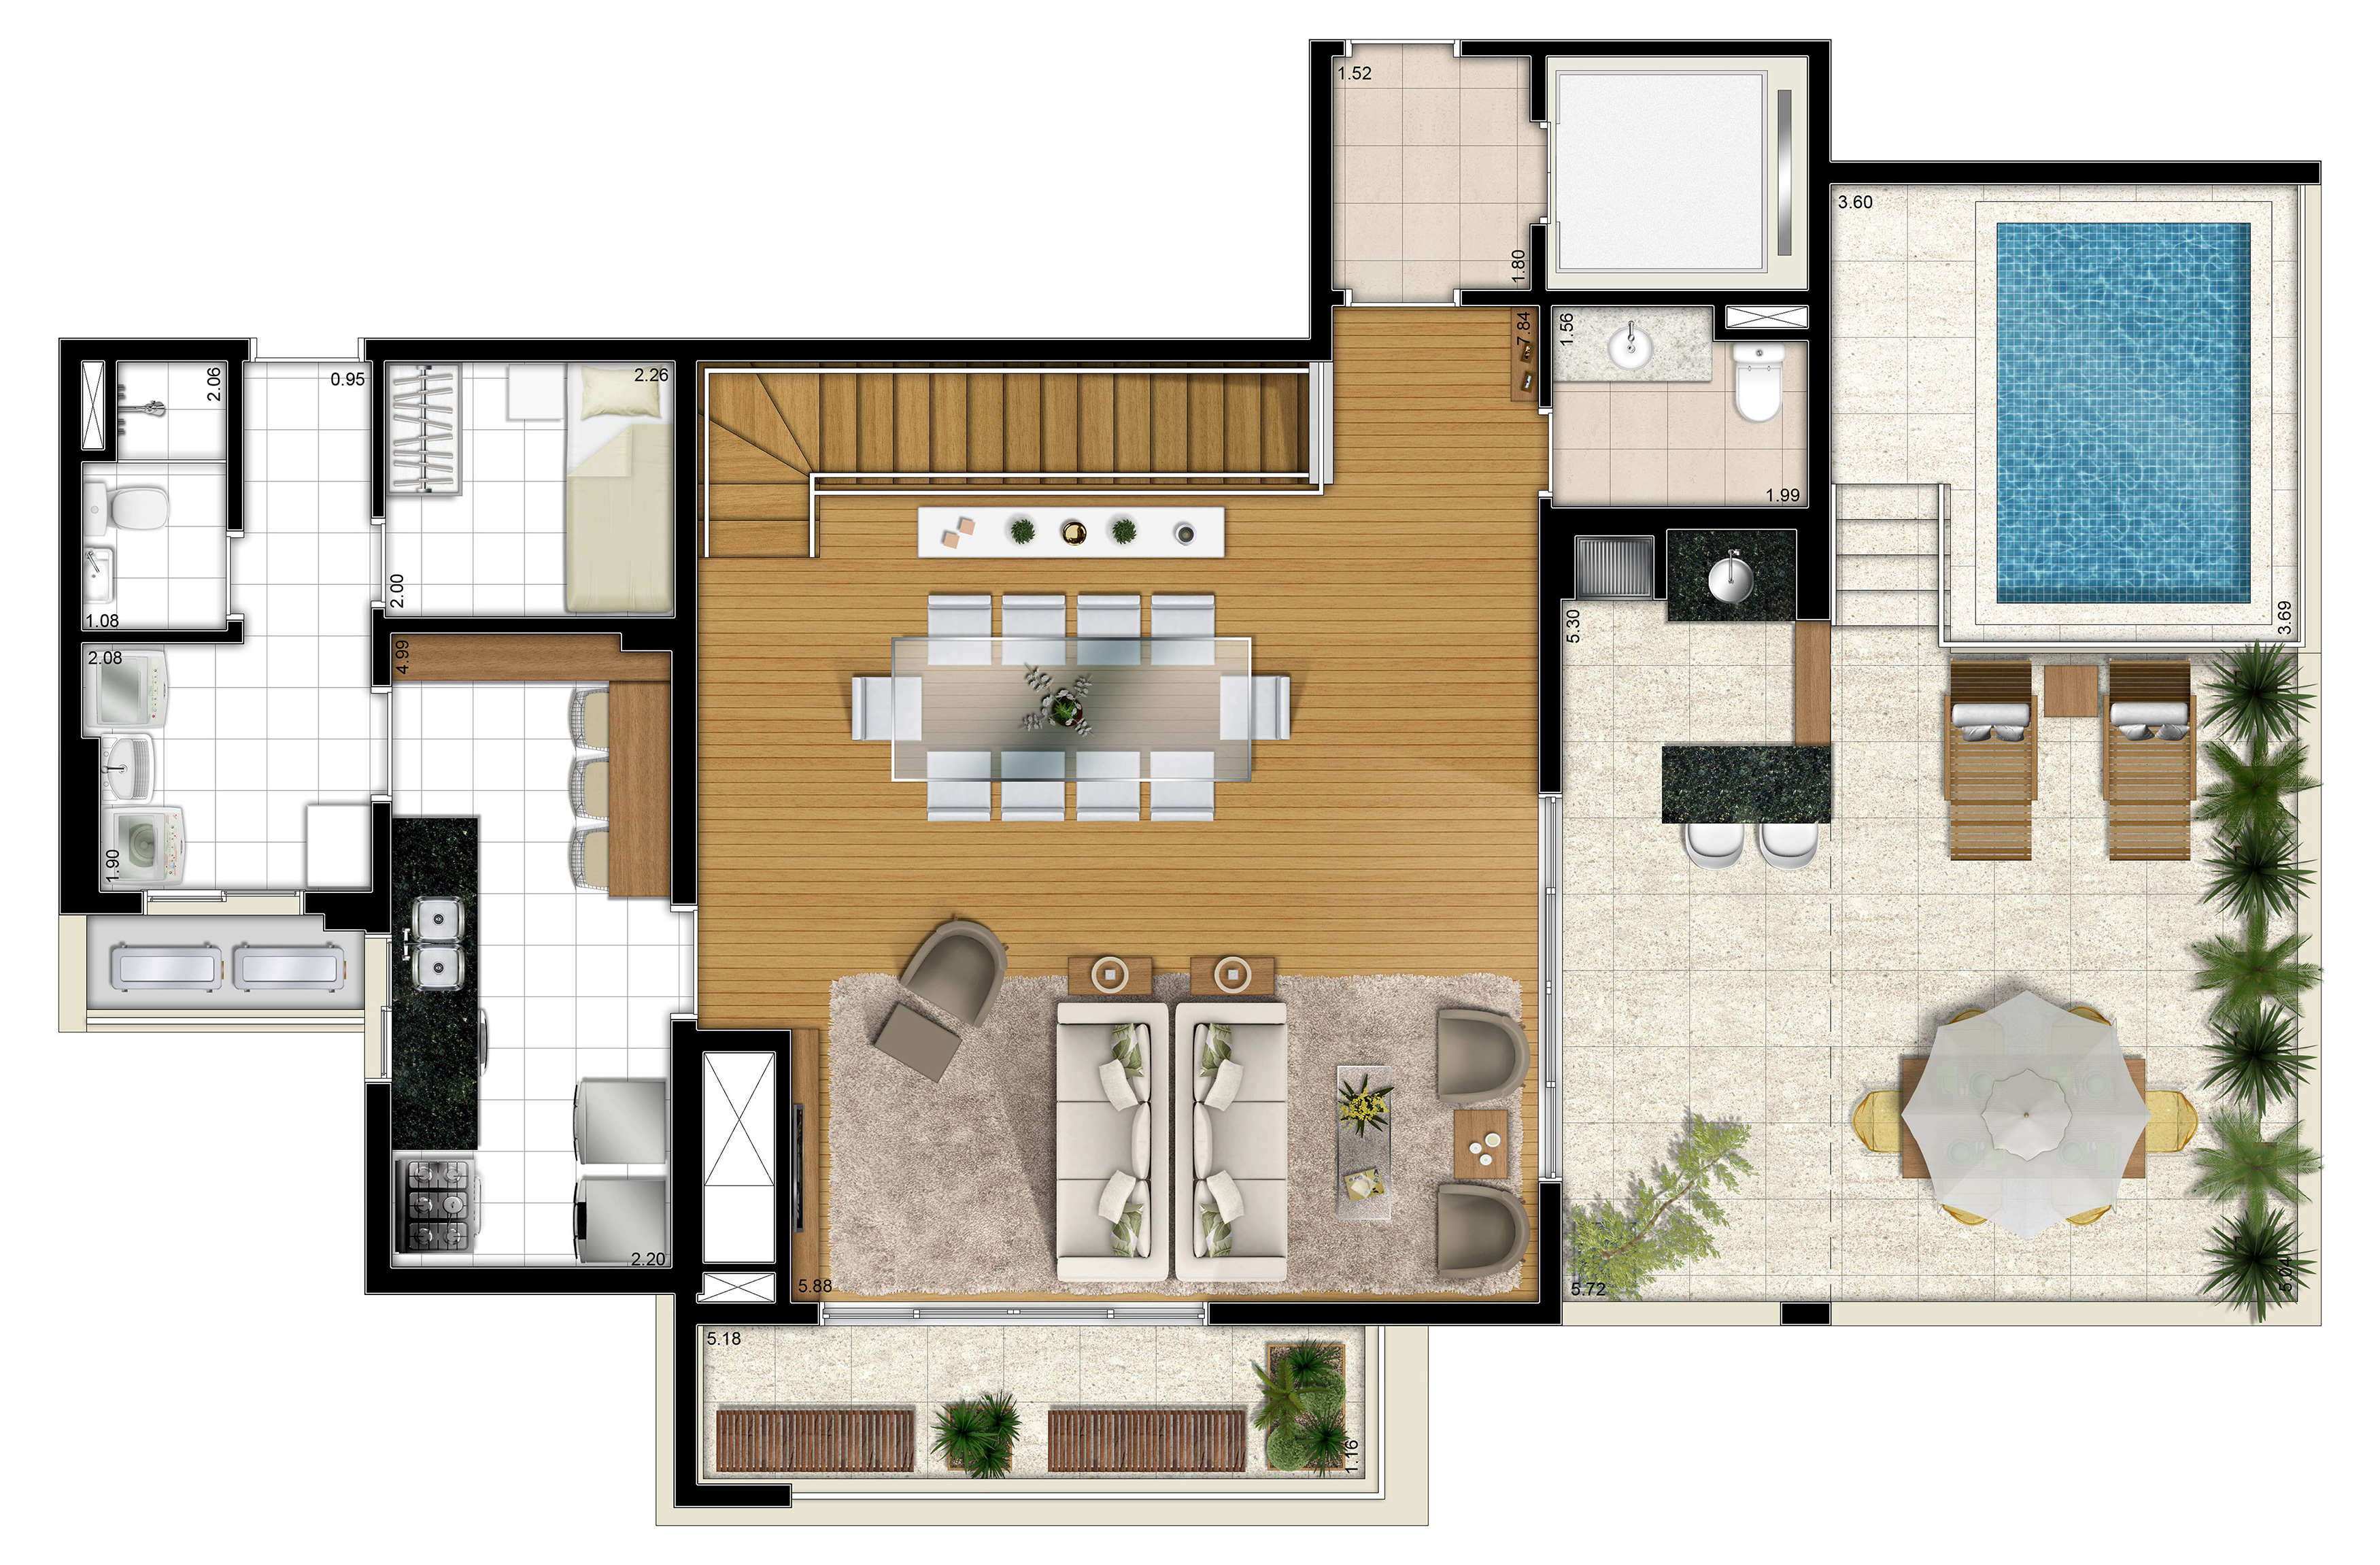 295,97m² cobertura piso superior